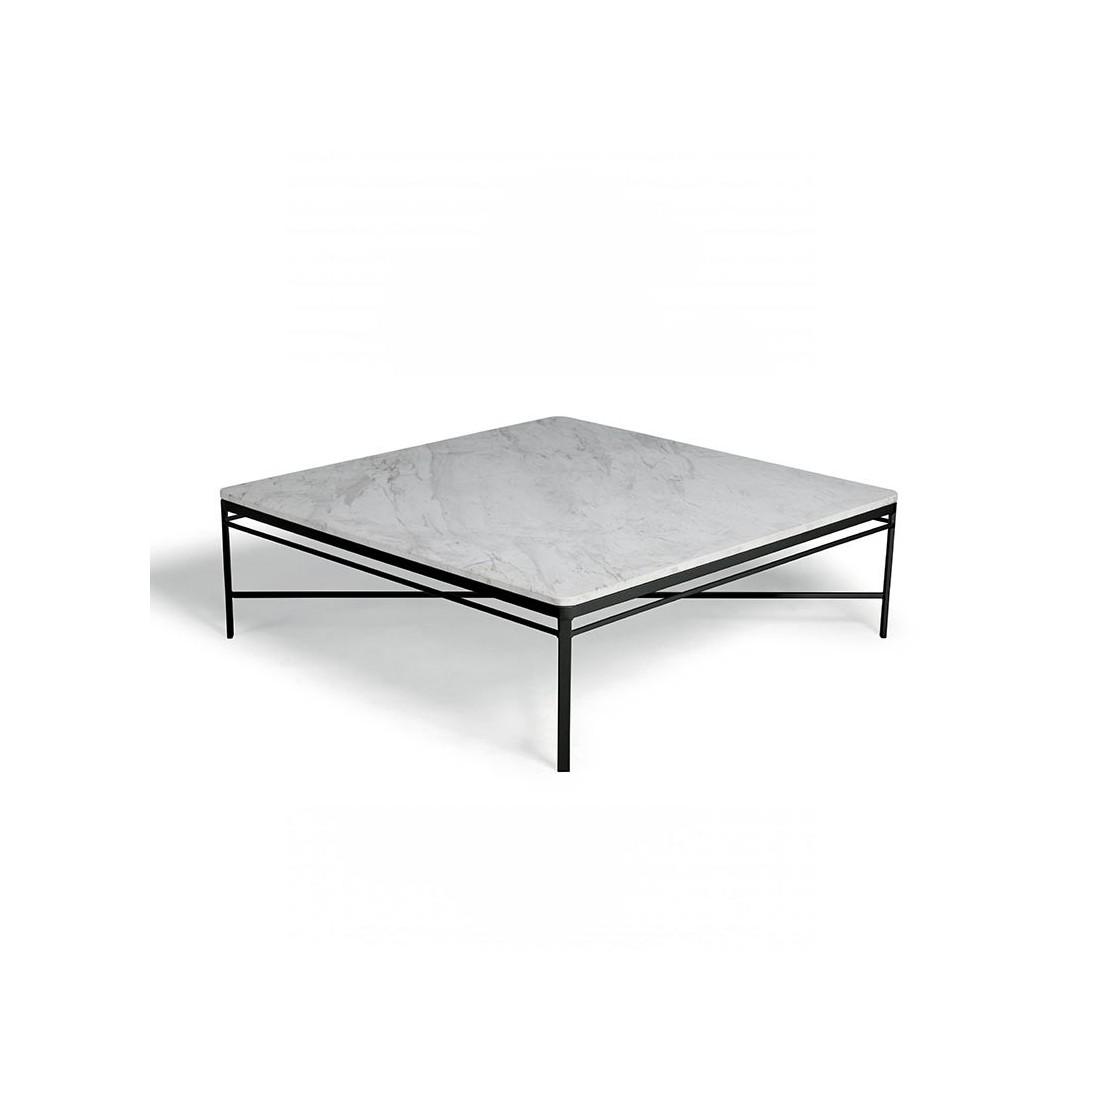 Table basse carr e pour votre terrasse et jardin - Table carree 120 cm ...